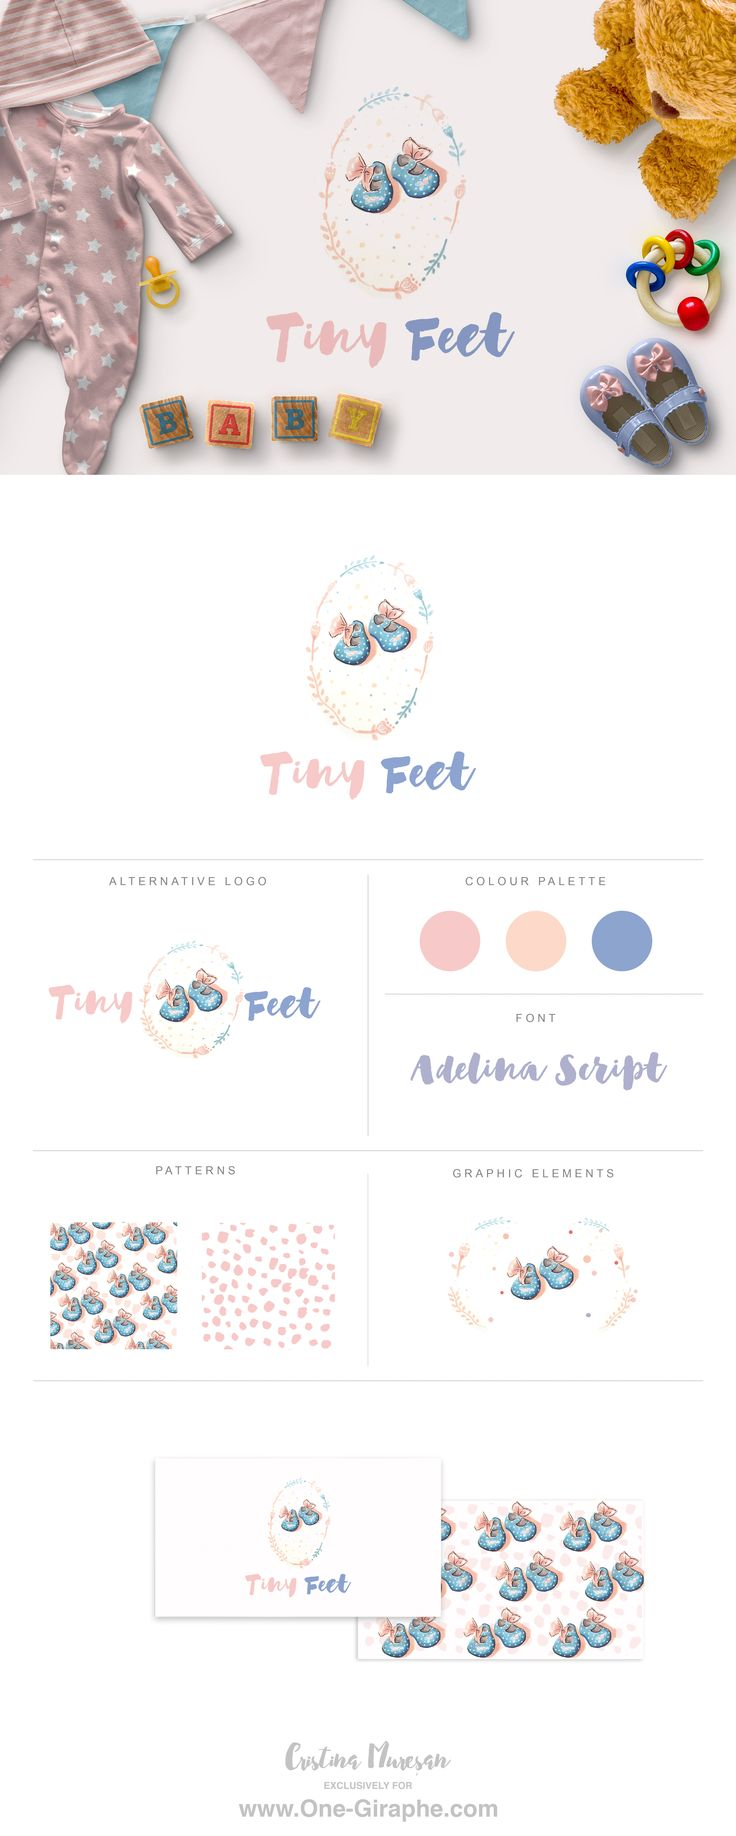 Tiny Feet for sale! www.One-Giraphe.com #logo #logodesign #baby #sweet #cute #logos #graphic #etsy #behance #sale #logostore #designer